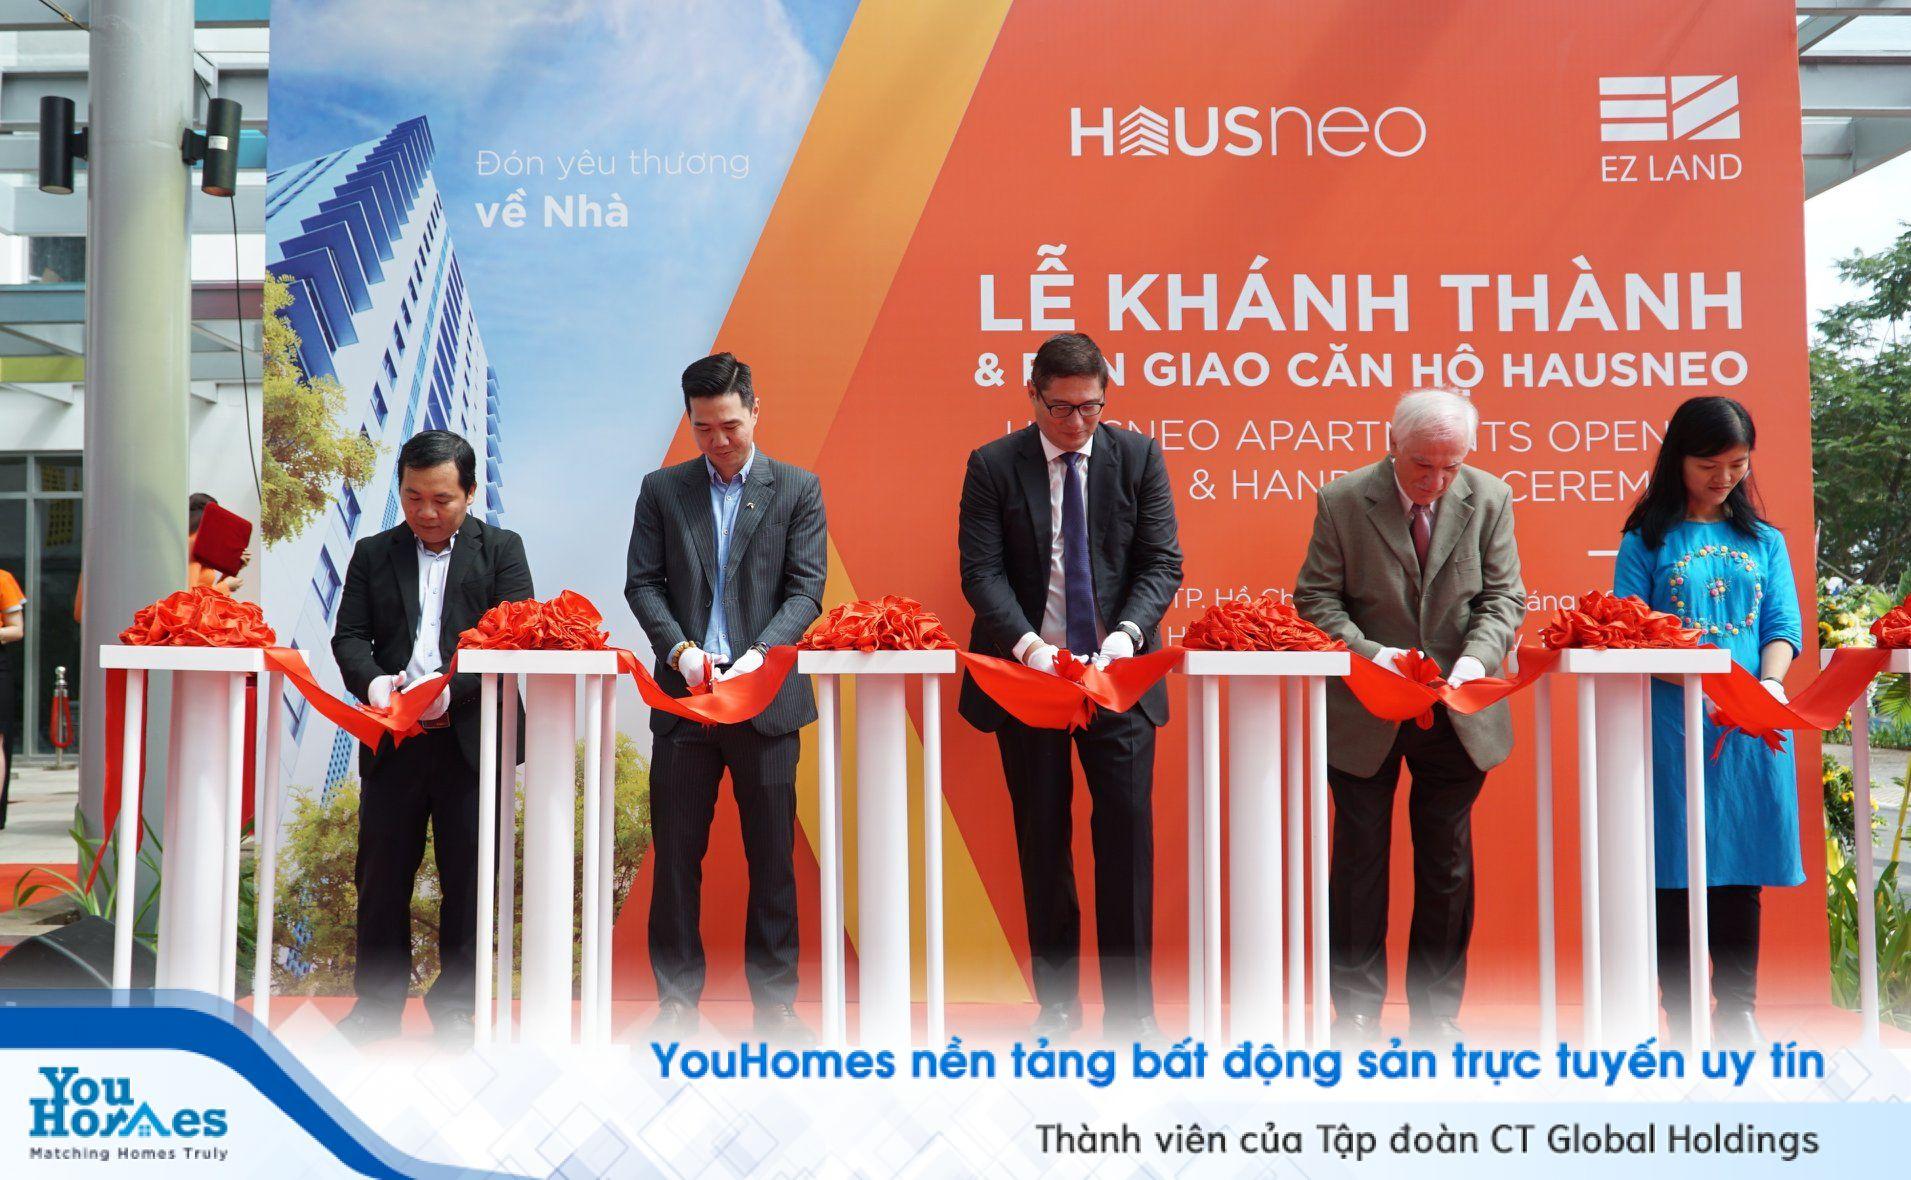 HausNeo: Chính thức chào đón những cư dân đầu tiên